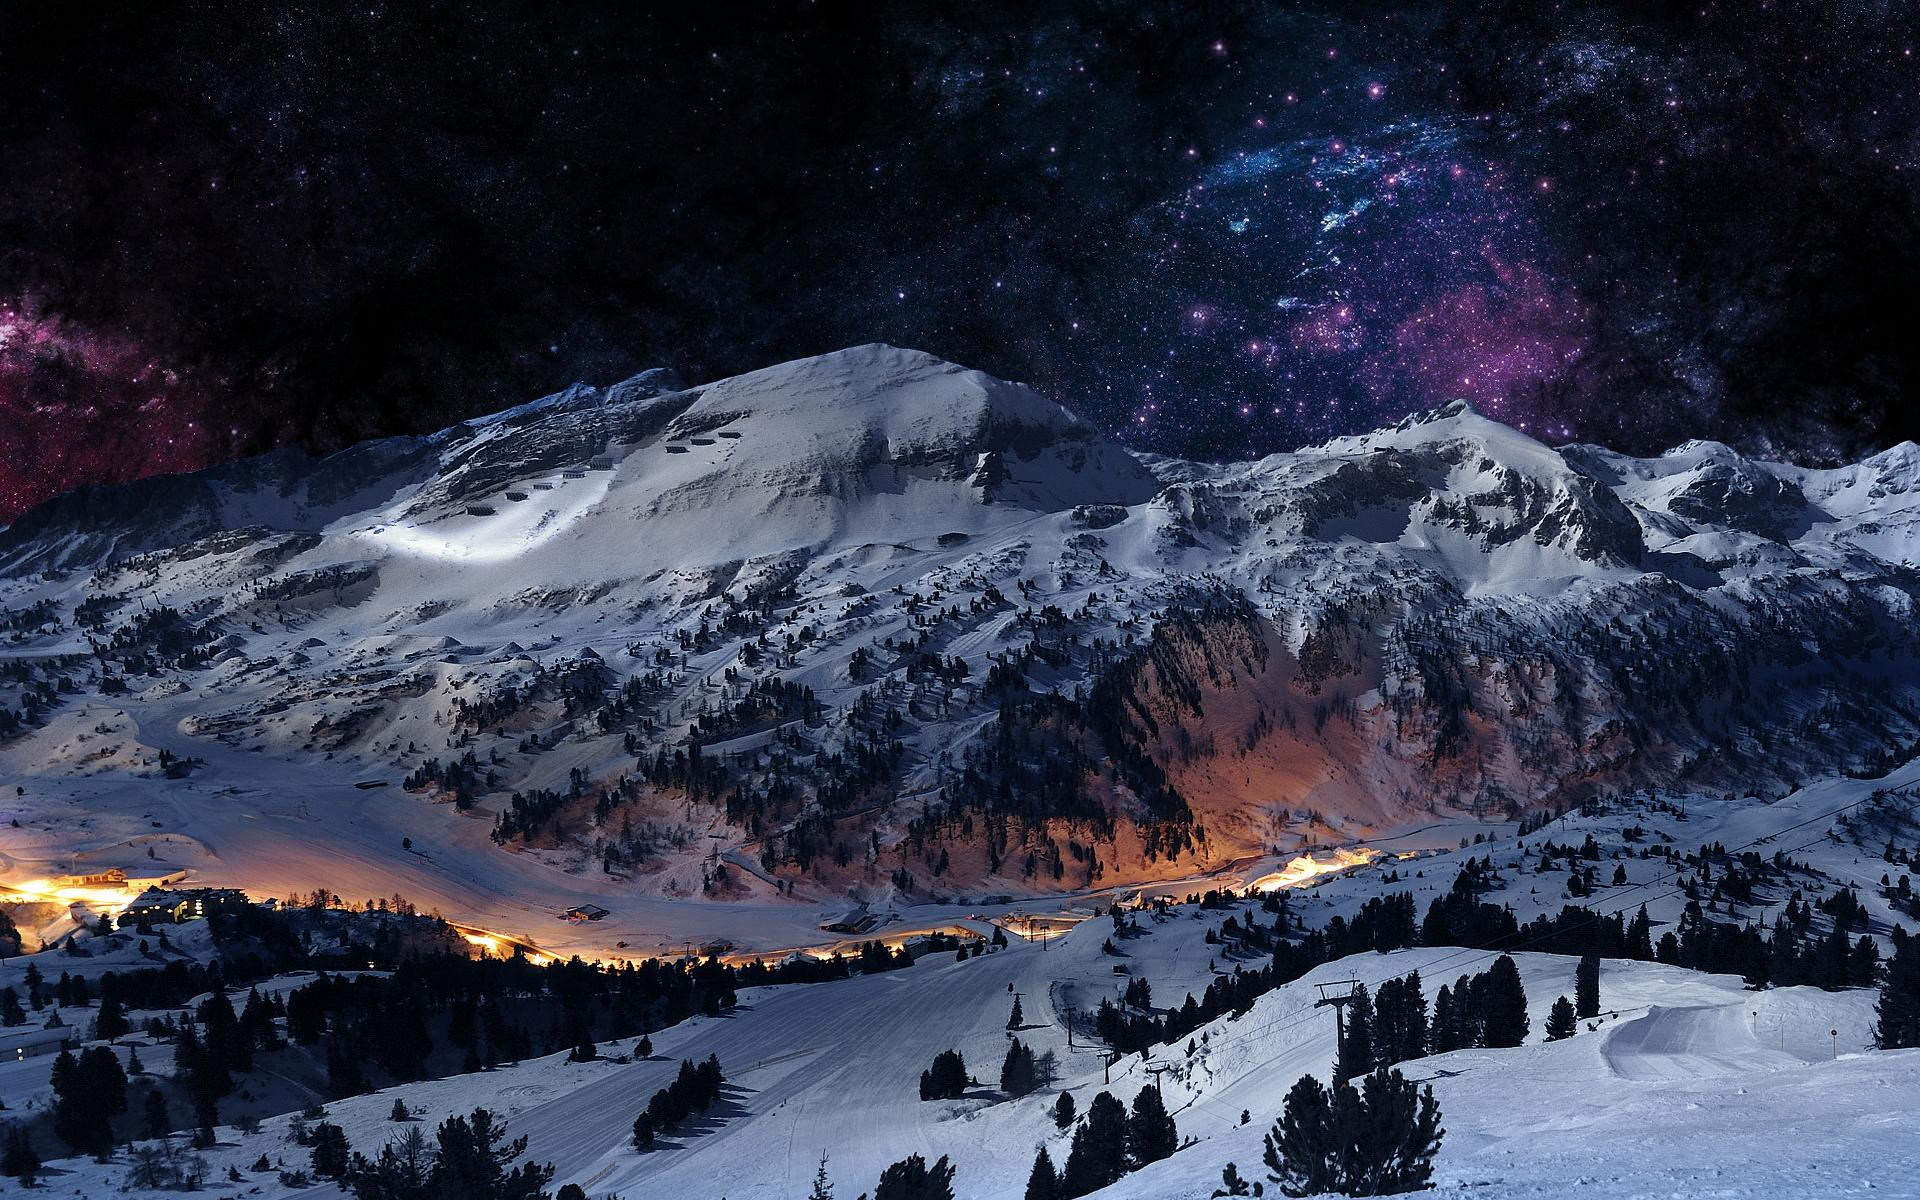 Stunning Winter Mountains